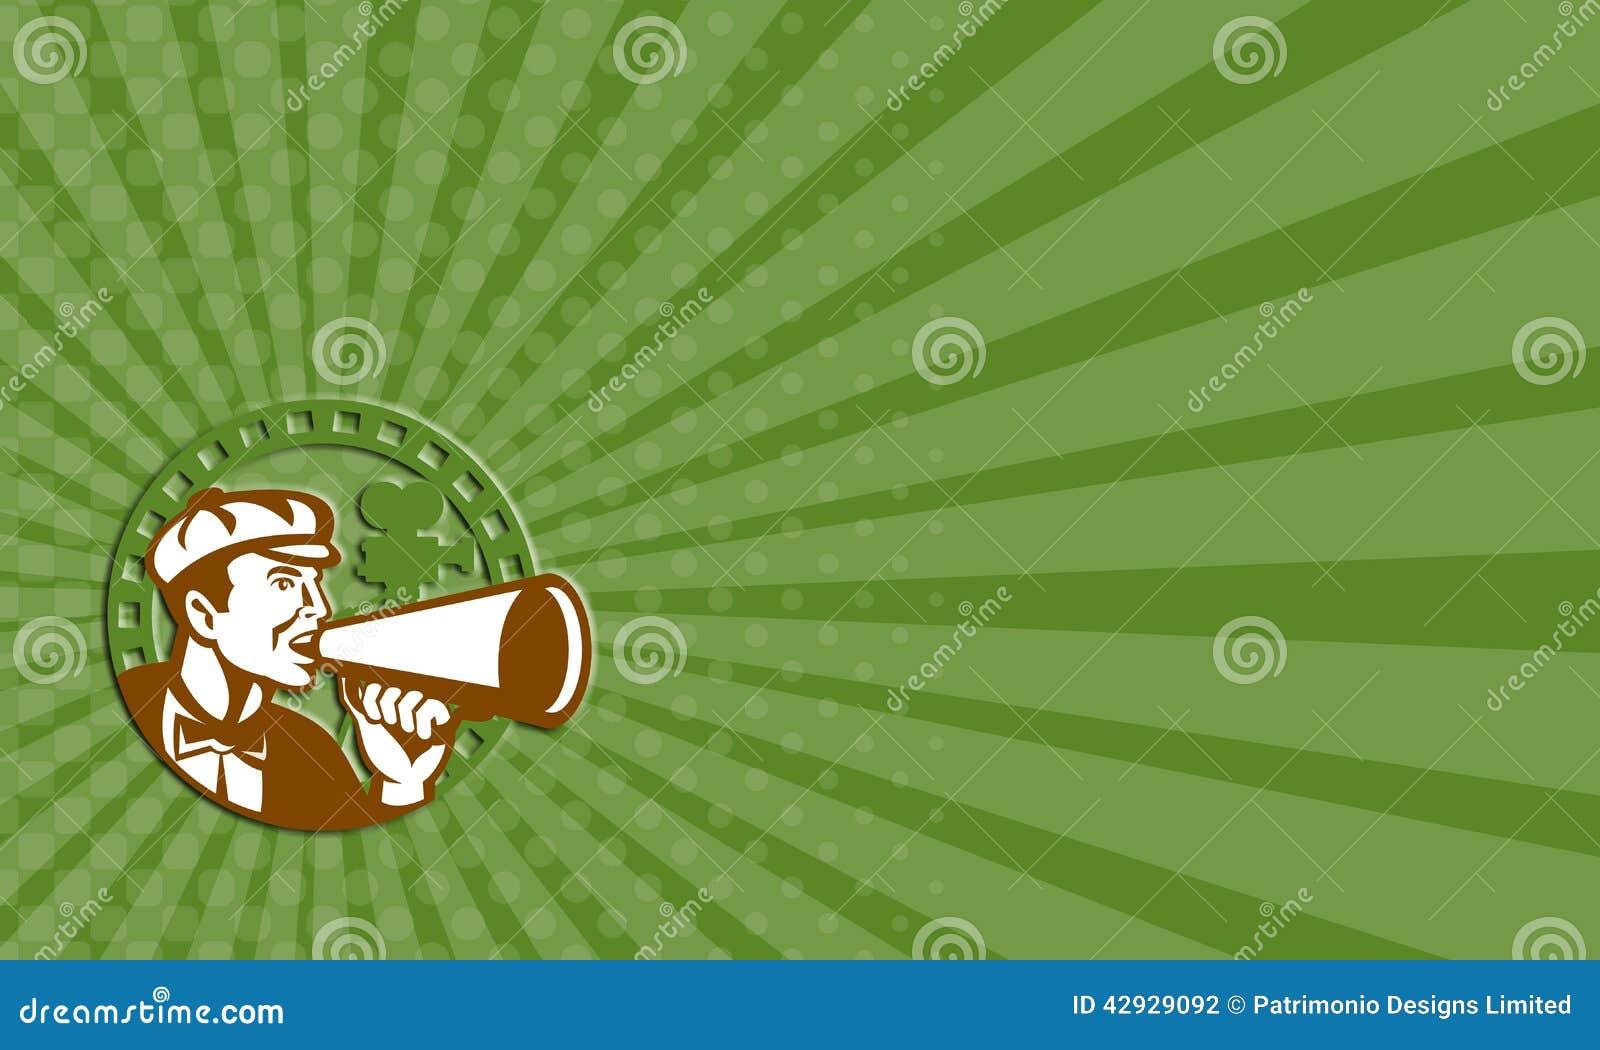 La Carte De Visite Professionnelle Montrant Lillustration Dun Cameraman Cineaste Criant Utilisant Le Corne Brume Avec Lappareil Photo